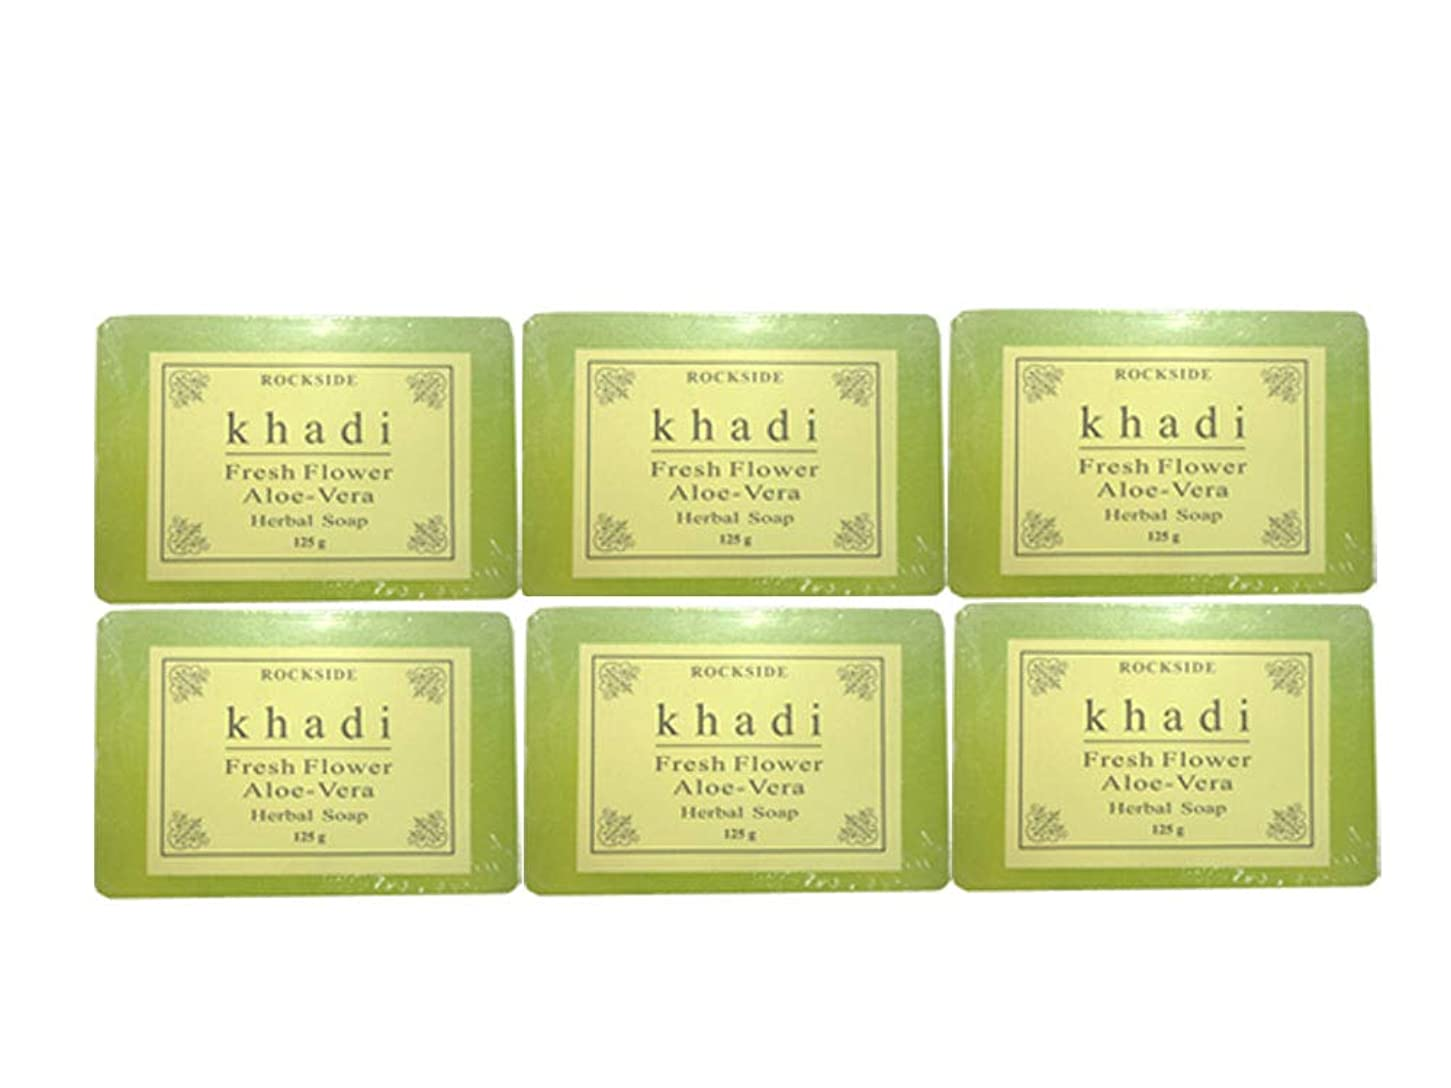 反対する流星保存する手作り カーディ フレッシュフラワー2 ハーバルソープ Khadi Fresh Flower Aloe-Vera Herbal Soap 6個SET